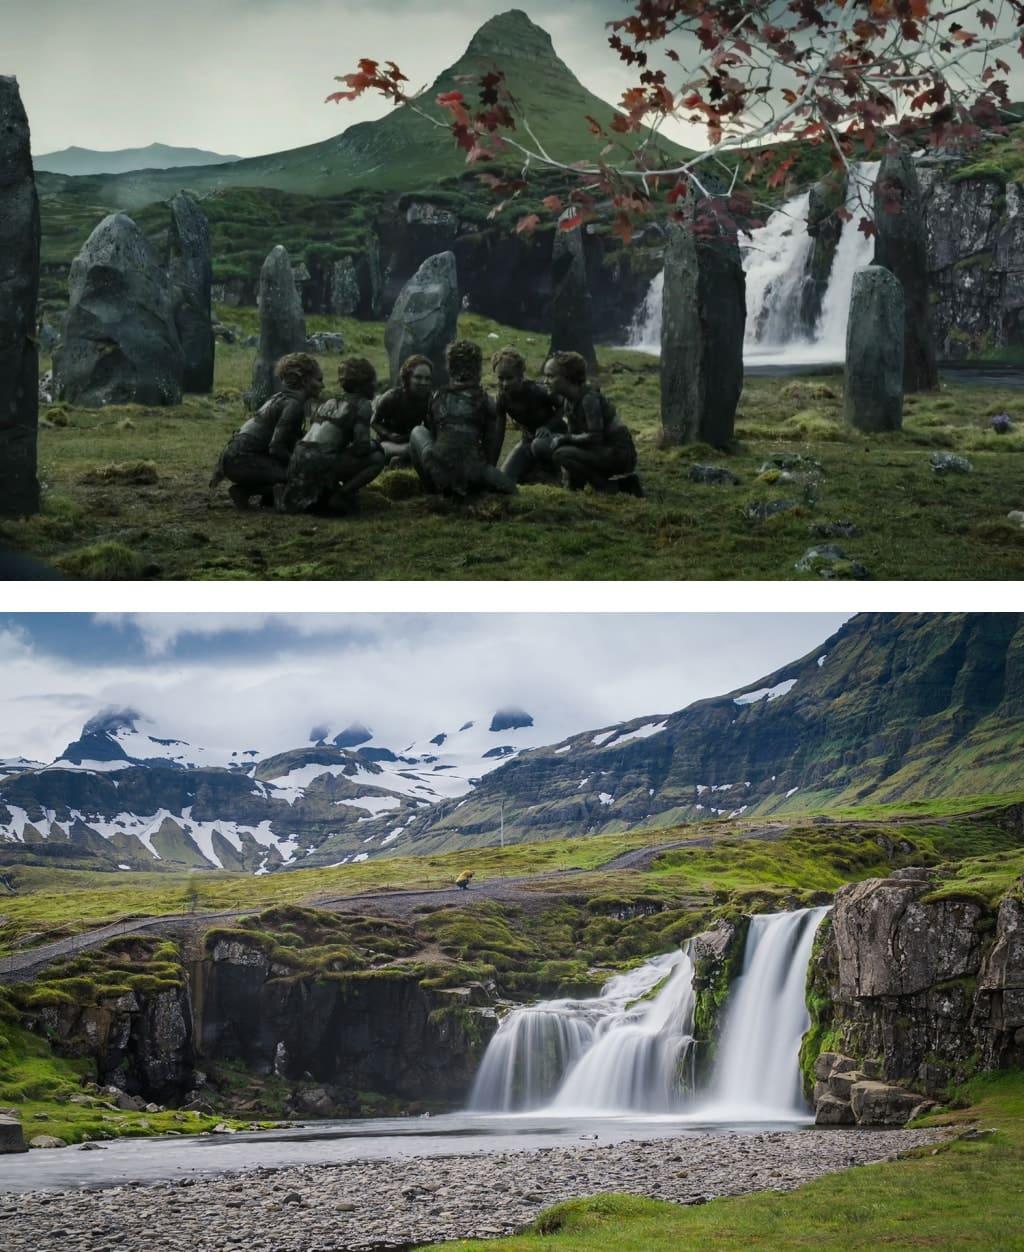 """Khám phá Iceland, bước chân vào thế giới ngoạn mục của Trò chơi Vương quyền"""" - ảnh 11"""